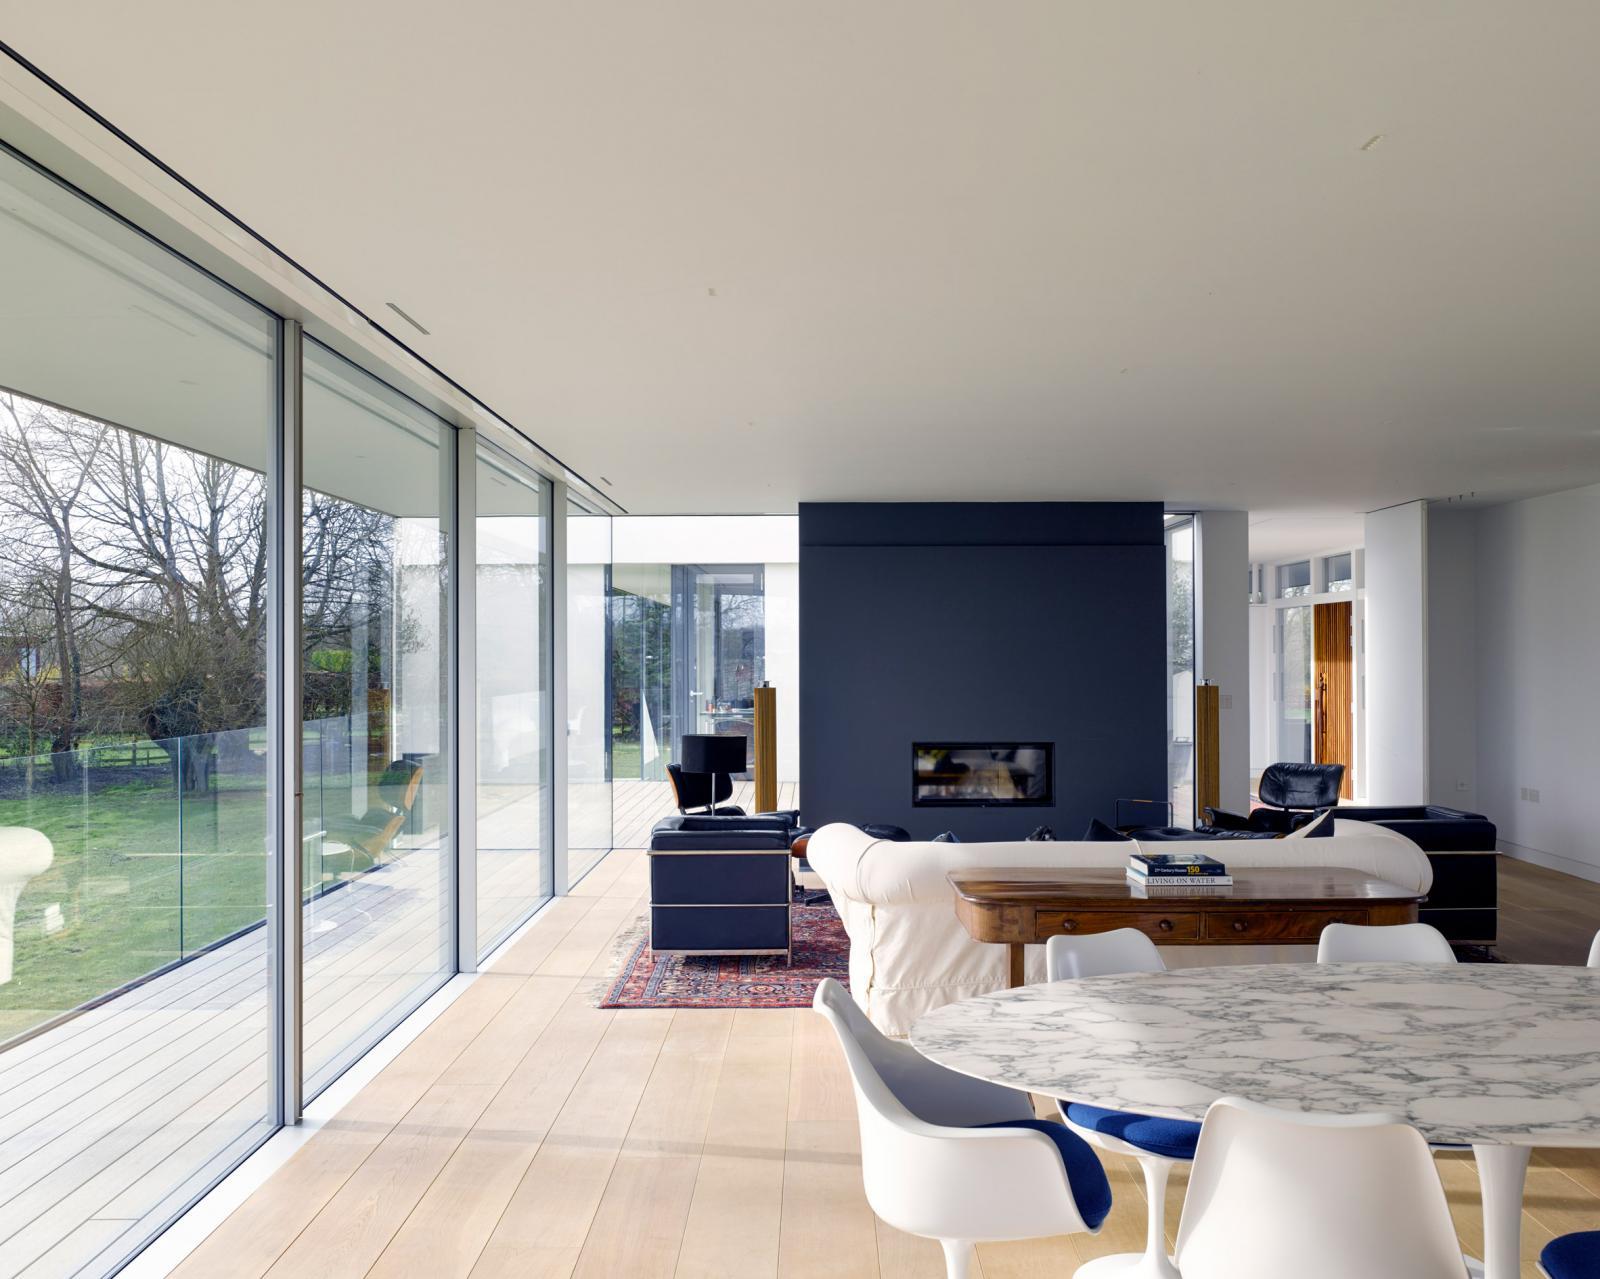 Hình ảnh cận cảnh bàn ăn hình tròn với bề mặt đá cẩm thạch trắng trong nhà sàn khung thép